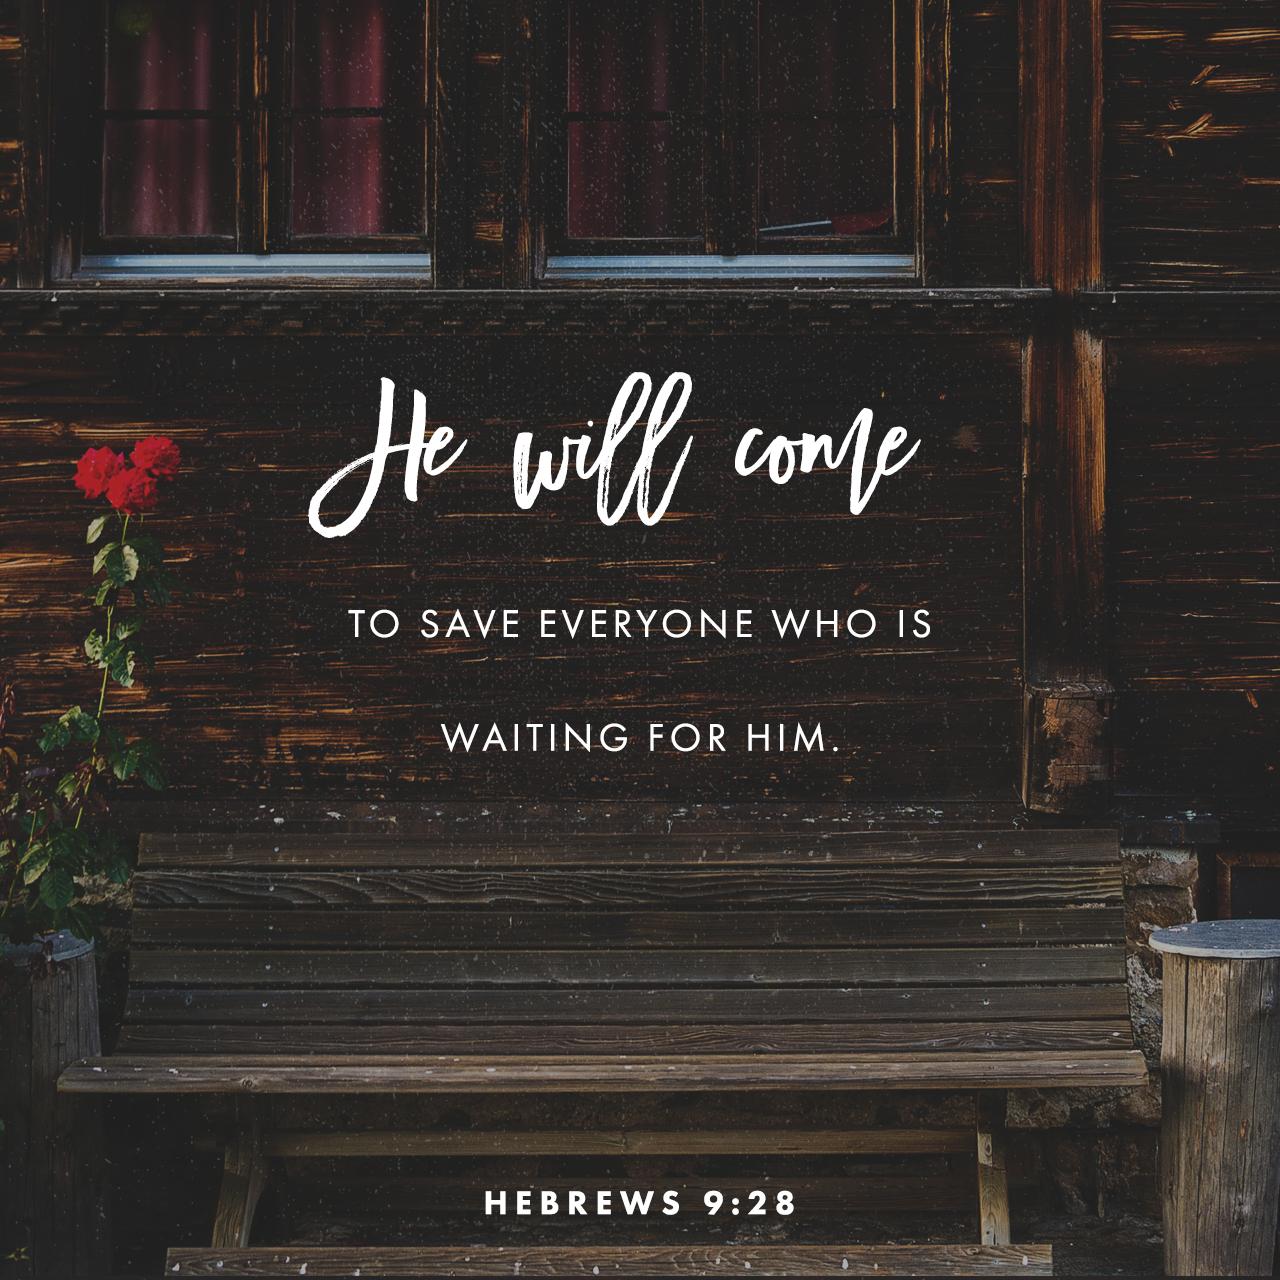 Hebrews 9:28